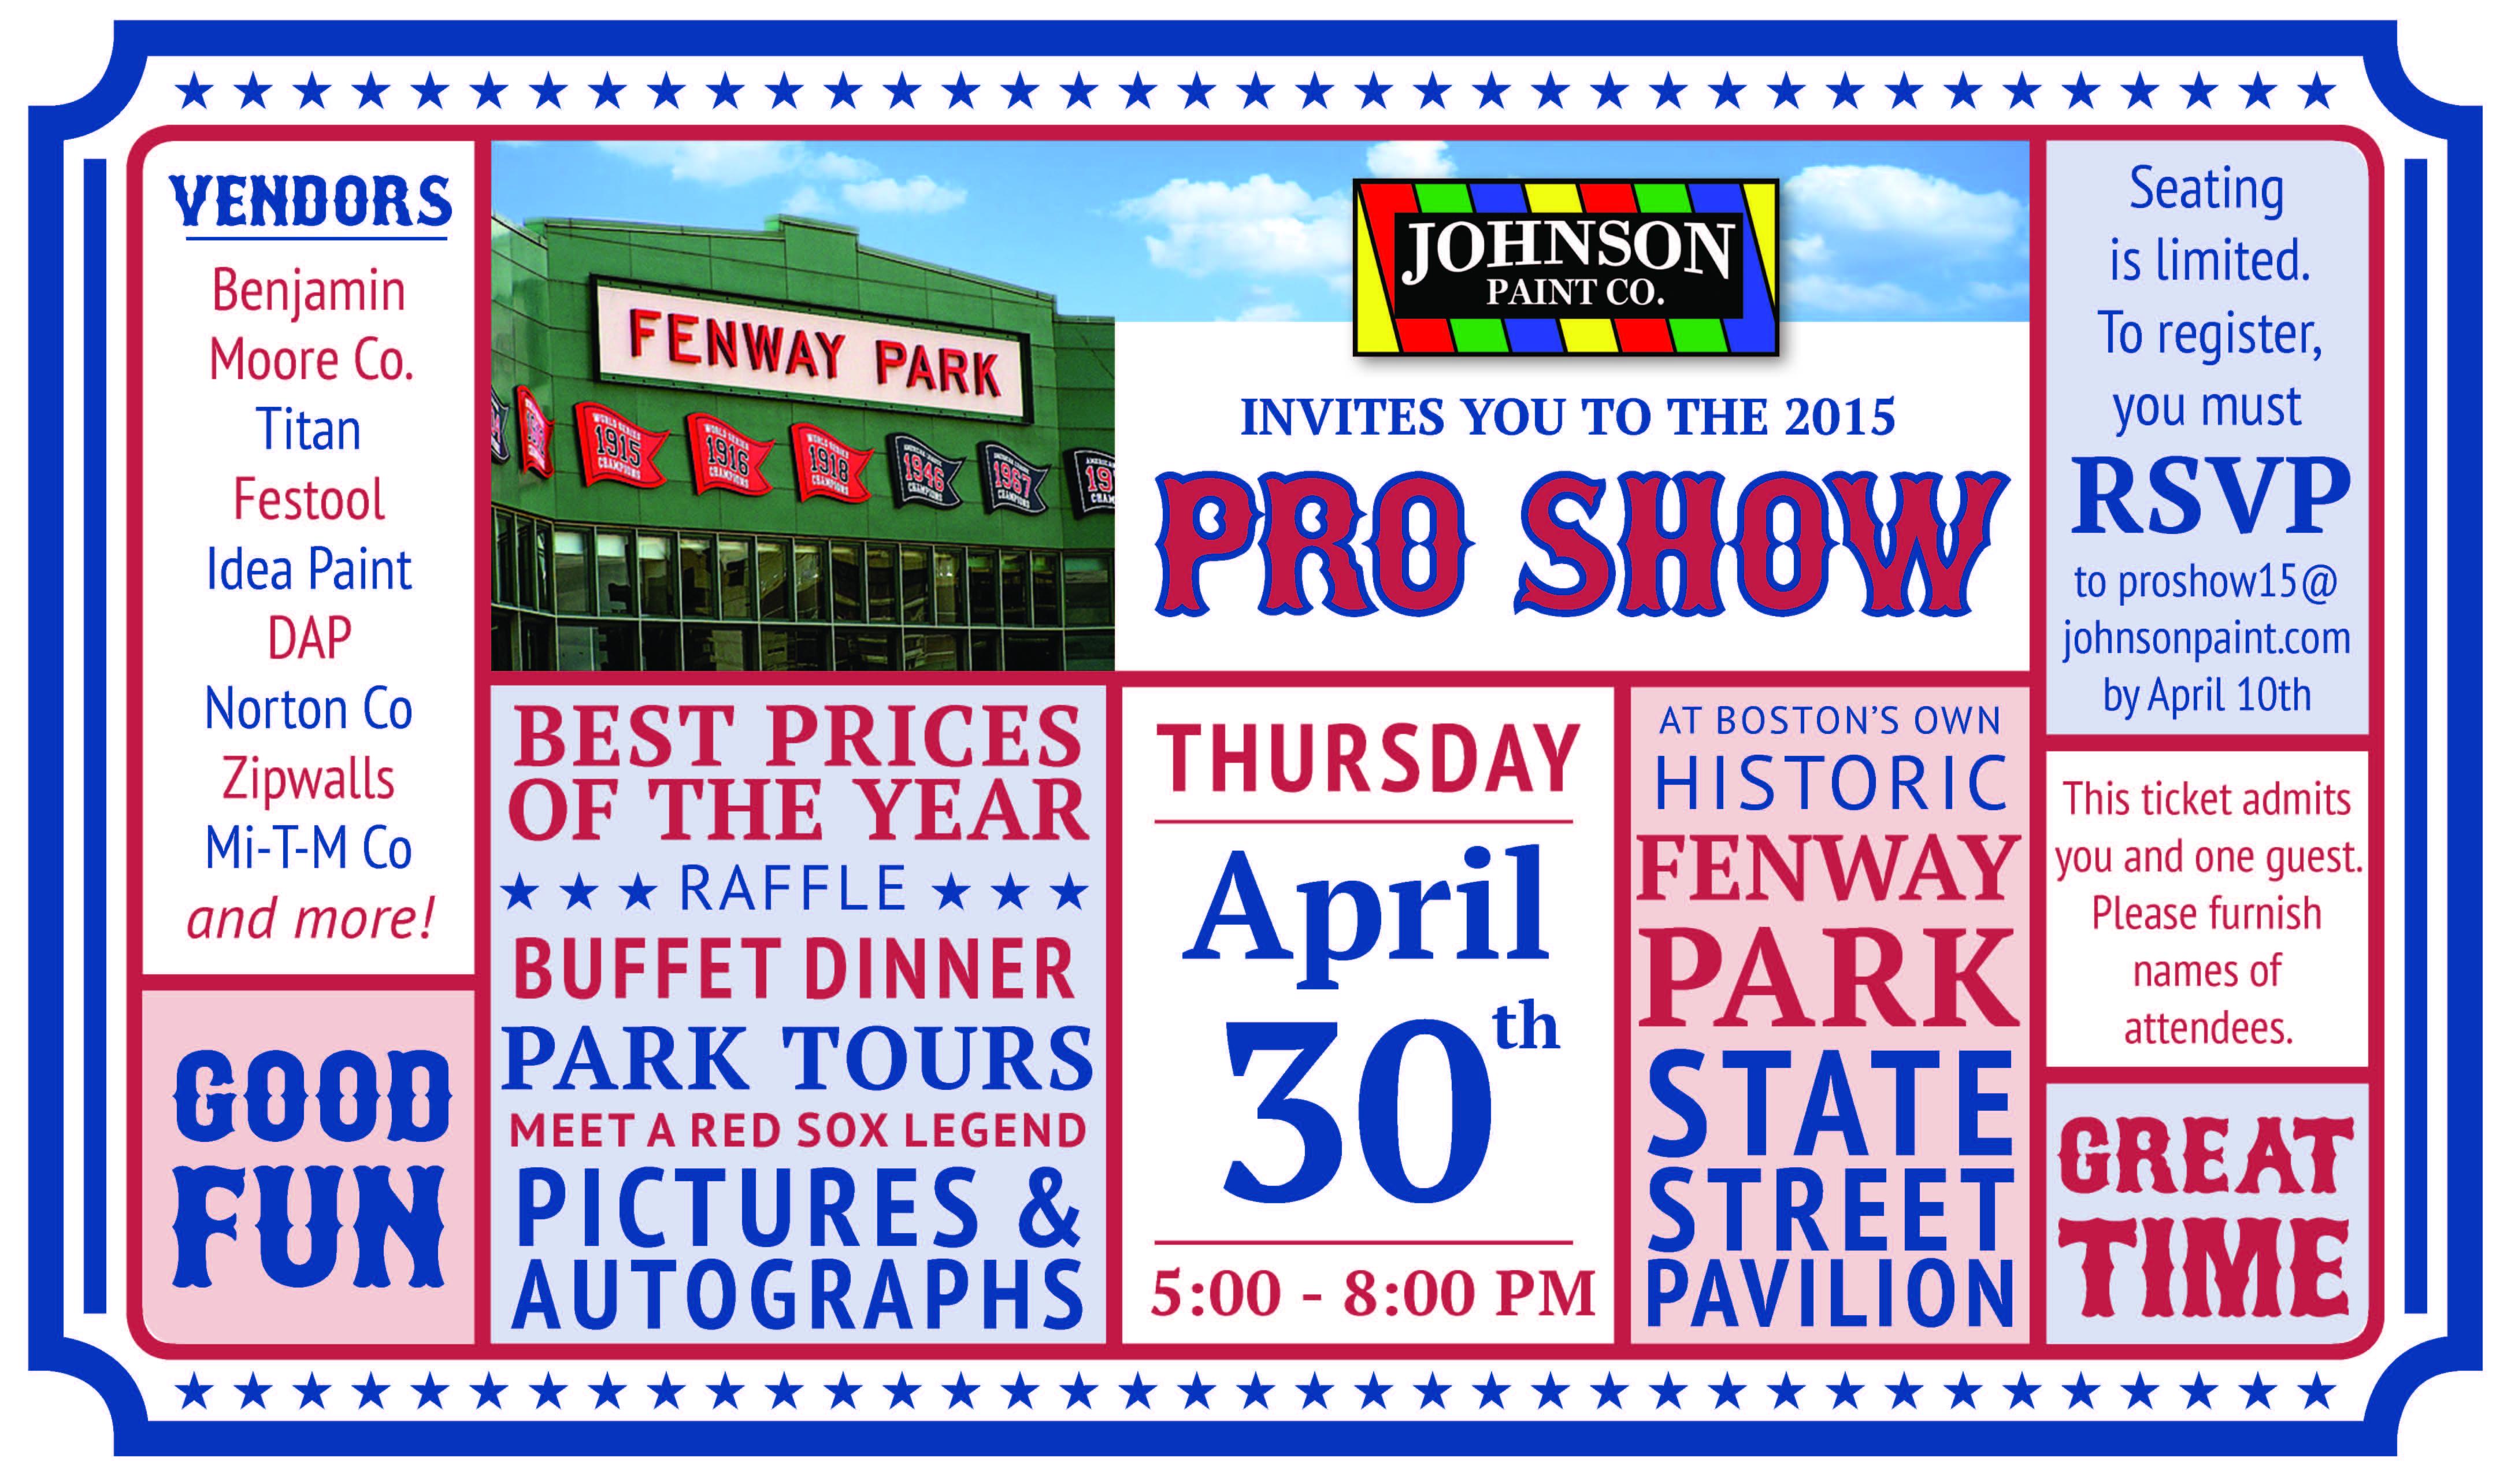 pro show invitation